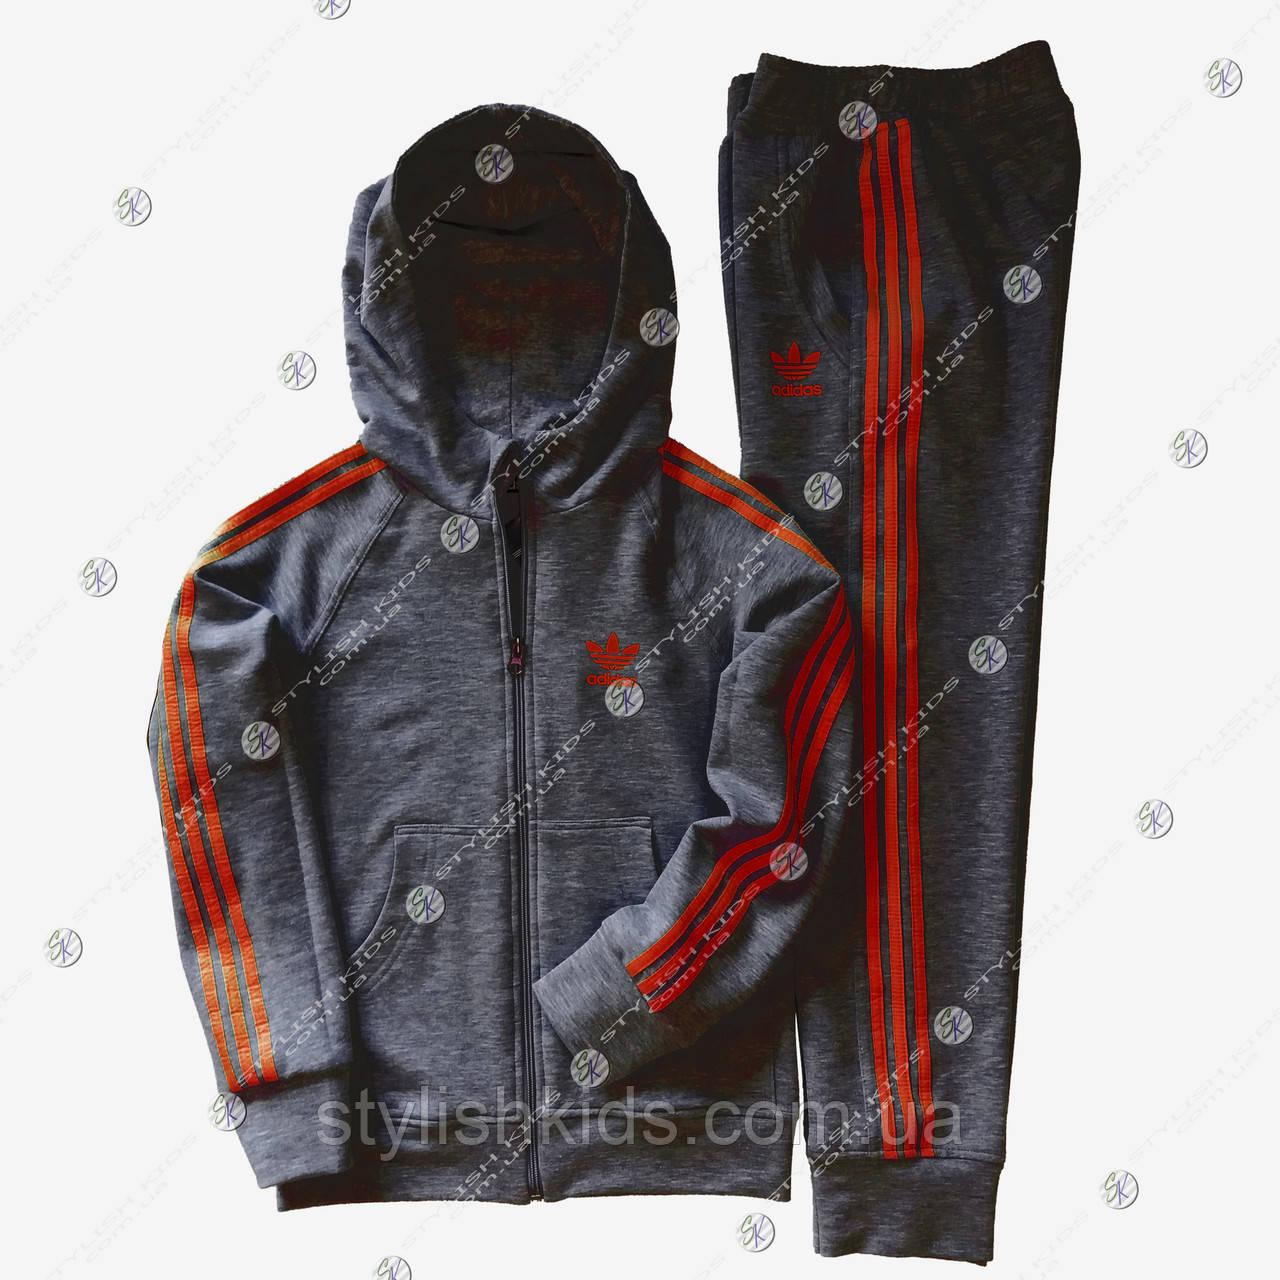 7baddc5c5 cпортивный костюм для мальчика Адидас.Подростковый спортивный костюм для  мальчика 8-16 лет